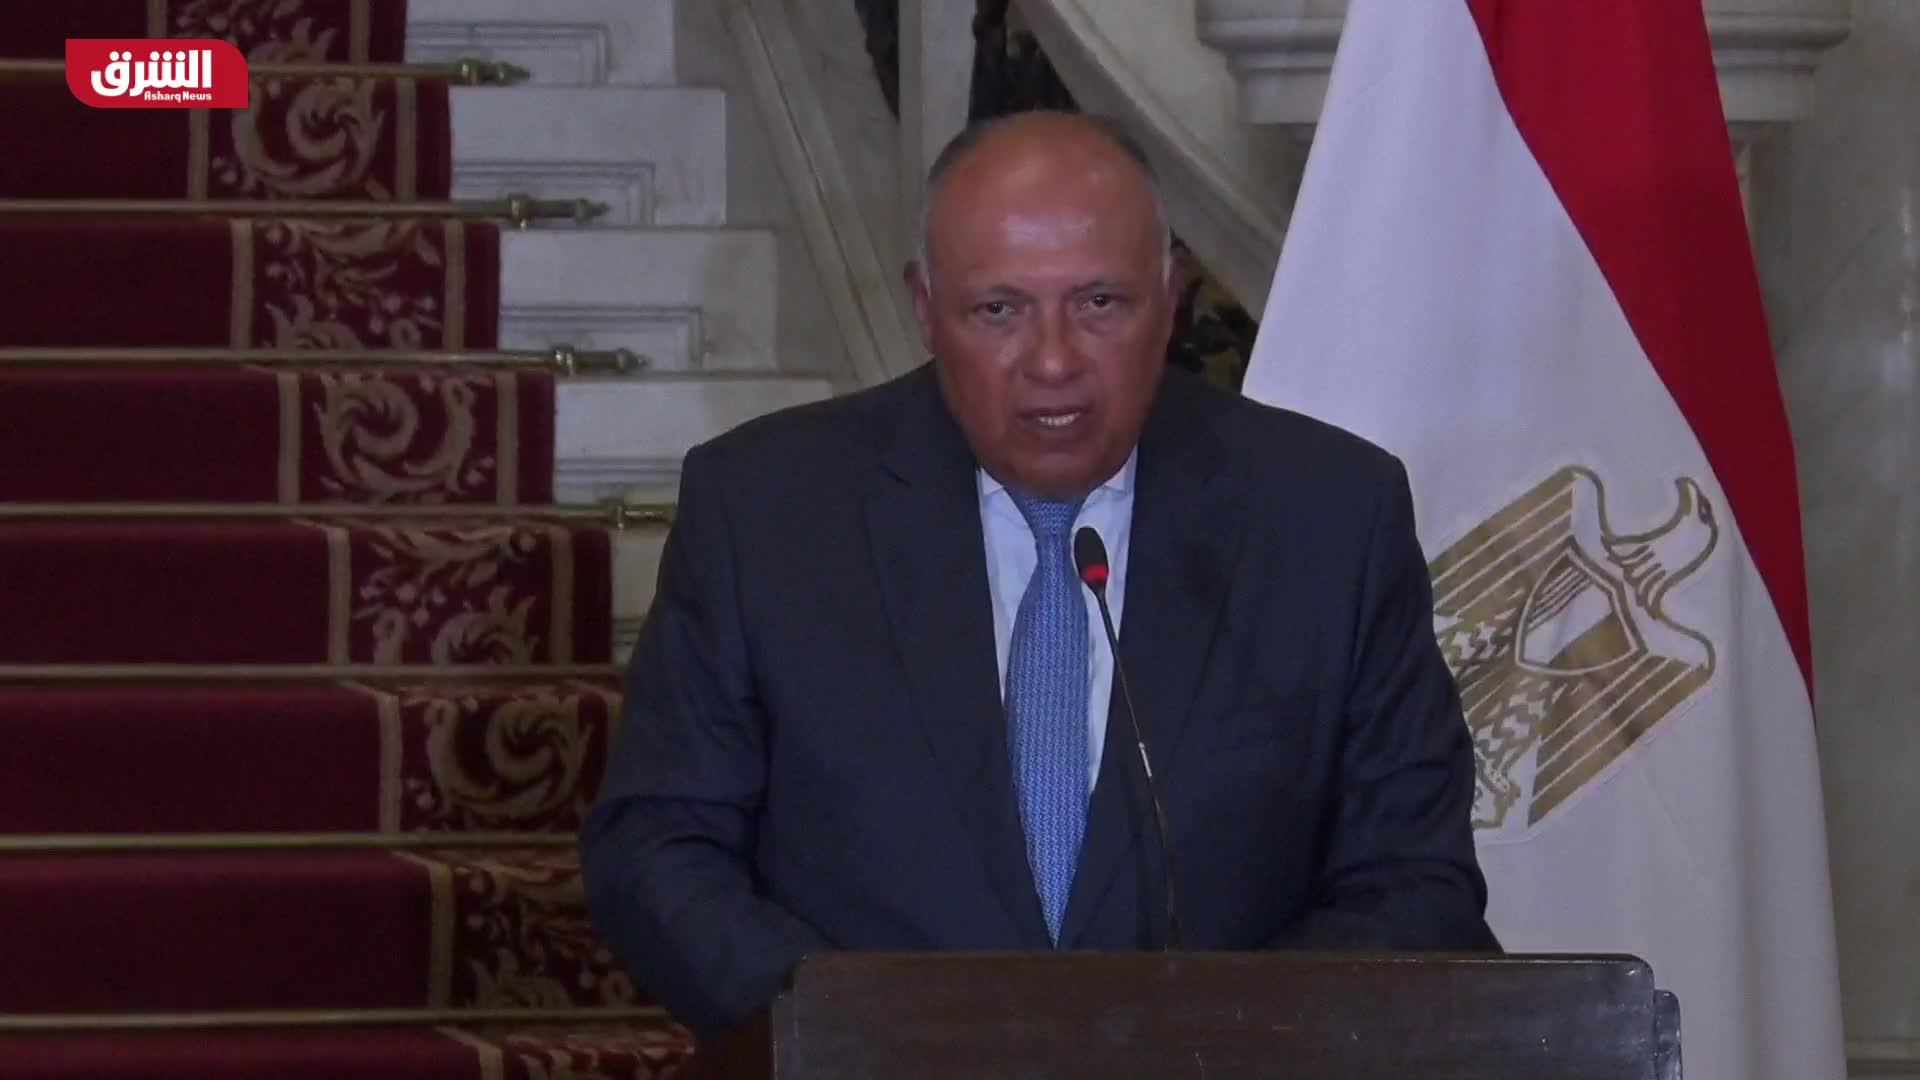 سامح شكري: مصر والجزائر كان لديهما قلق مشترك إزاء الوضع في ليبيا